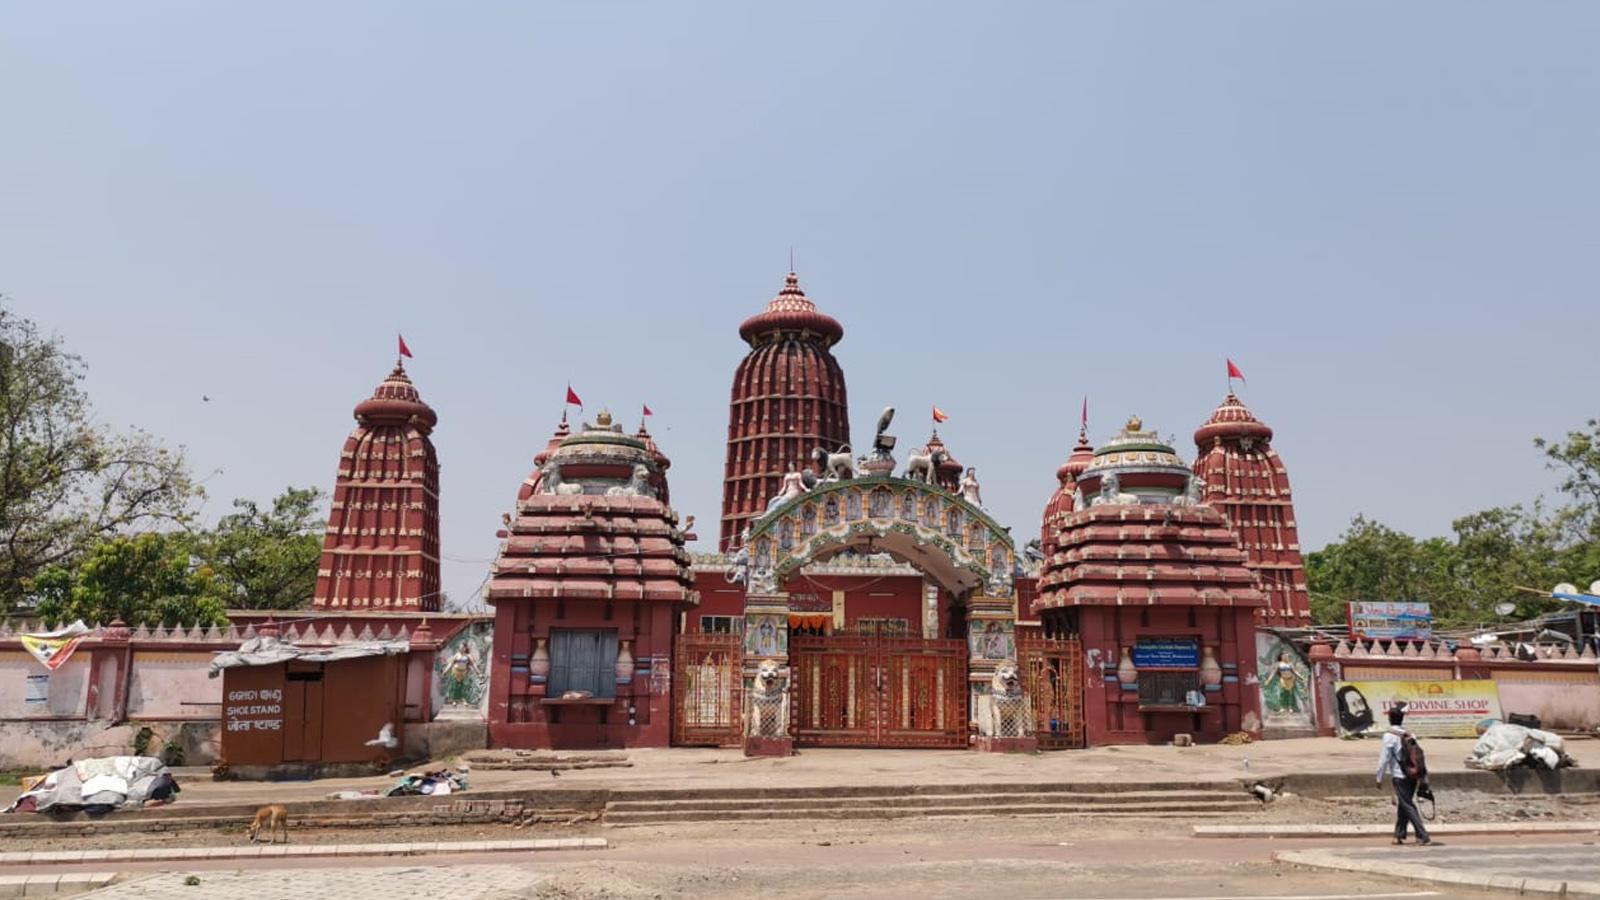 covid-19-lockdown-ram-temple-in-bhubaneswar-wears-a-deserted-look-on-ram-navami